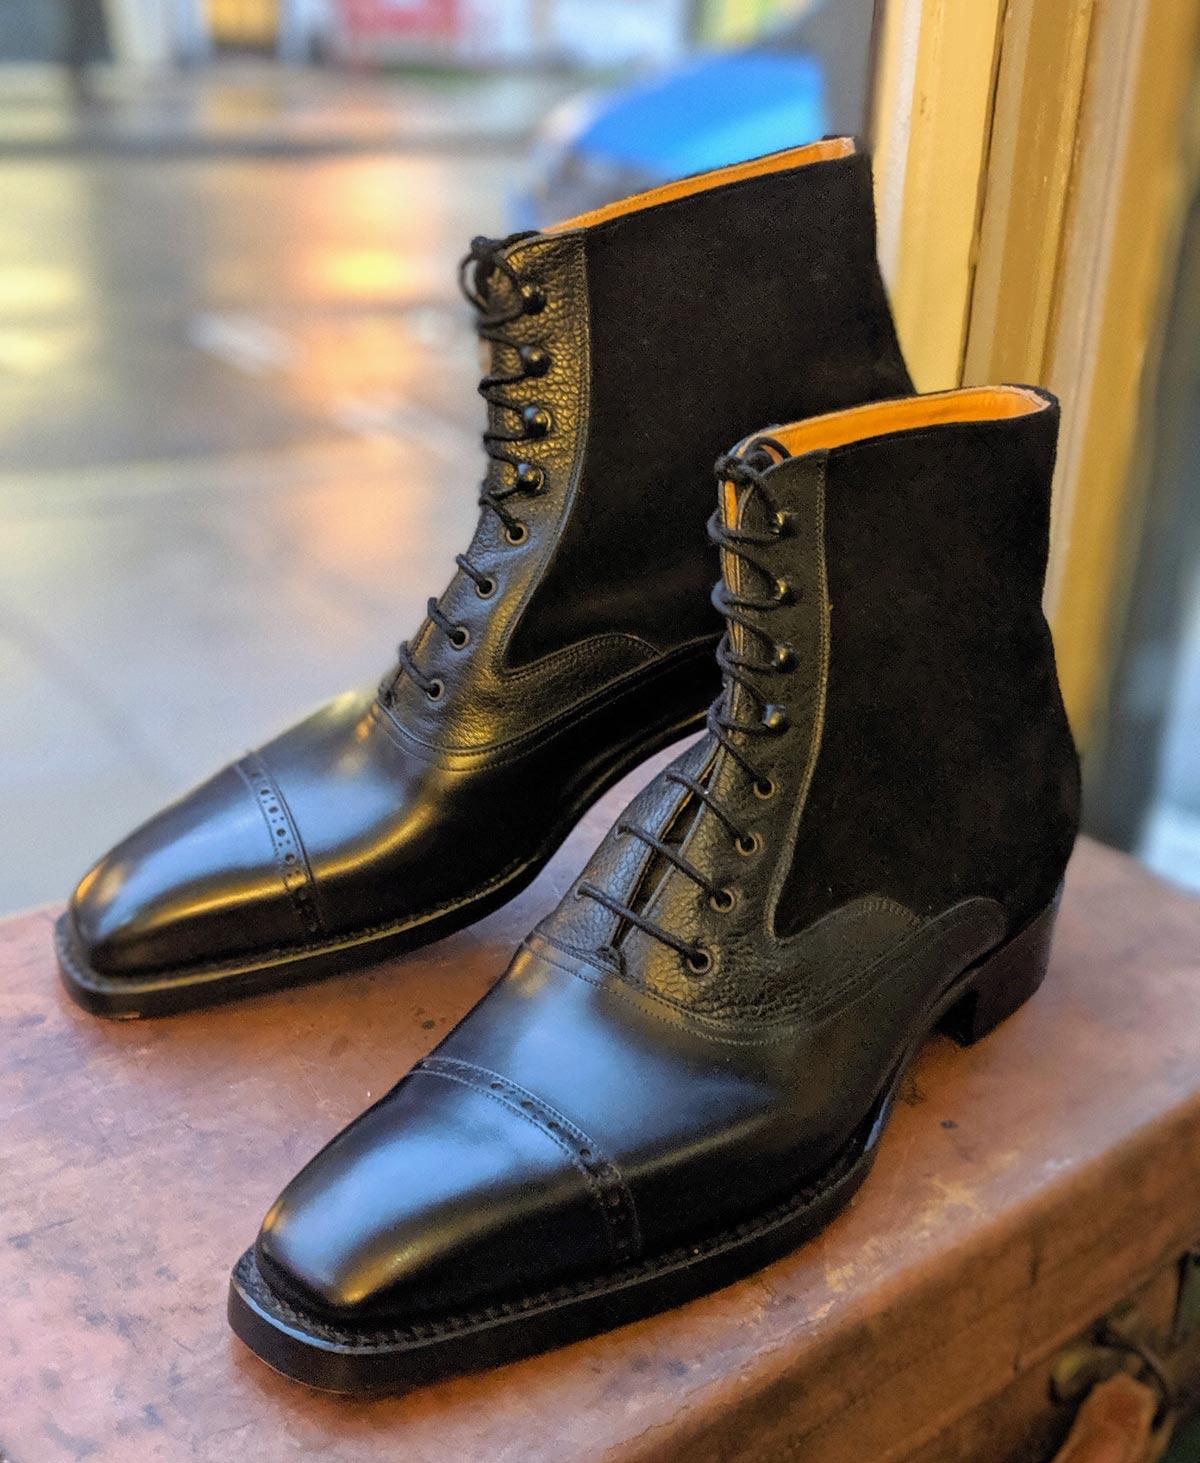 Vass Oxford tall boots